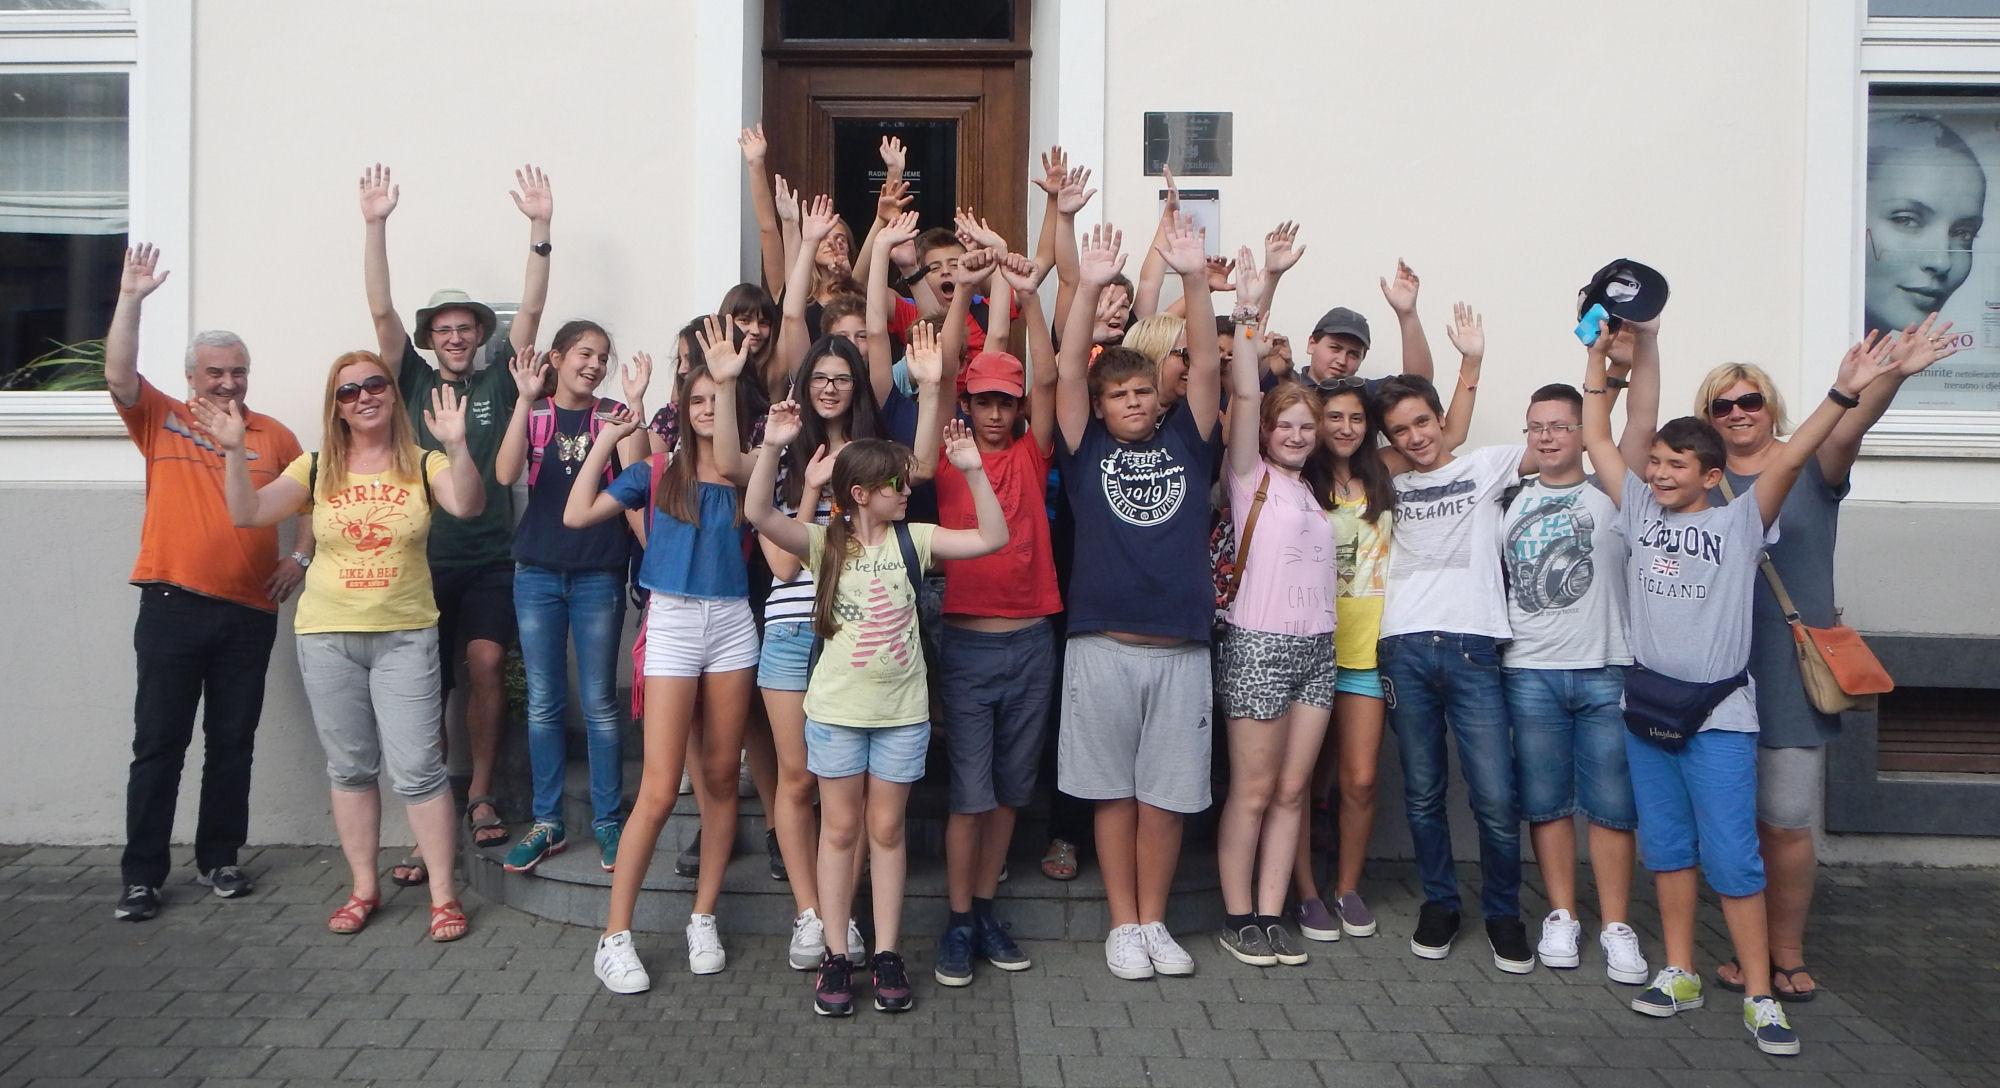 http://www.zvjezdarnica.hr/images/stories/edukacija/ljetna_skola/ljetna_skola_2016.jpg